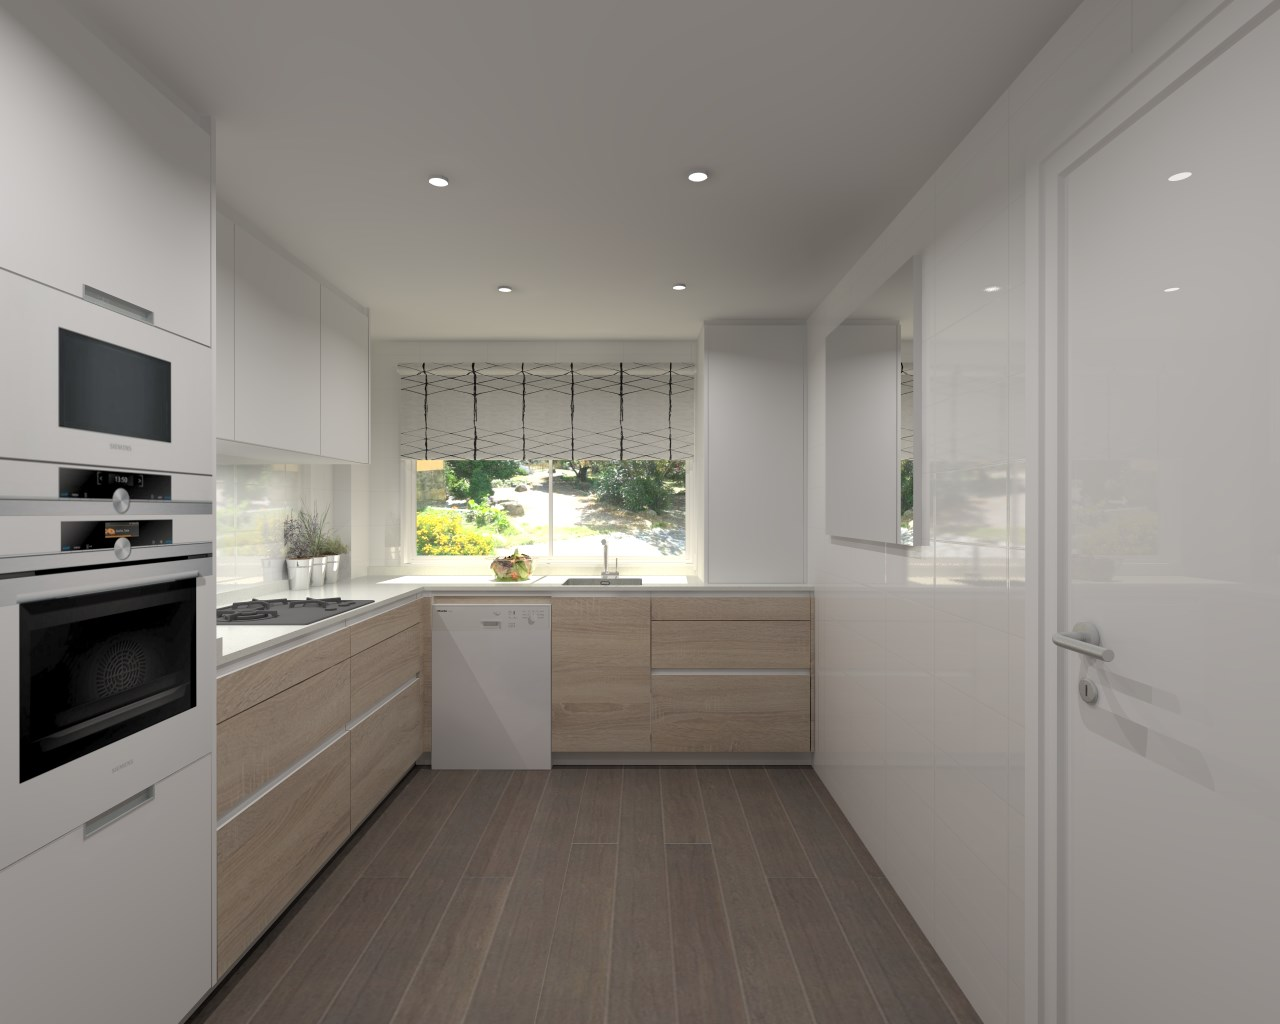 Proyectos de cocinas docrys cocinas - Anchura encimera cocina ...